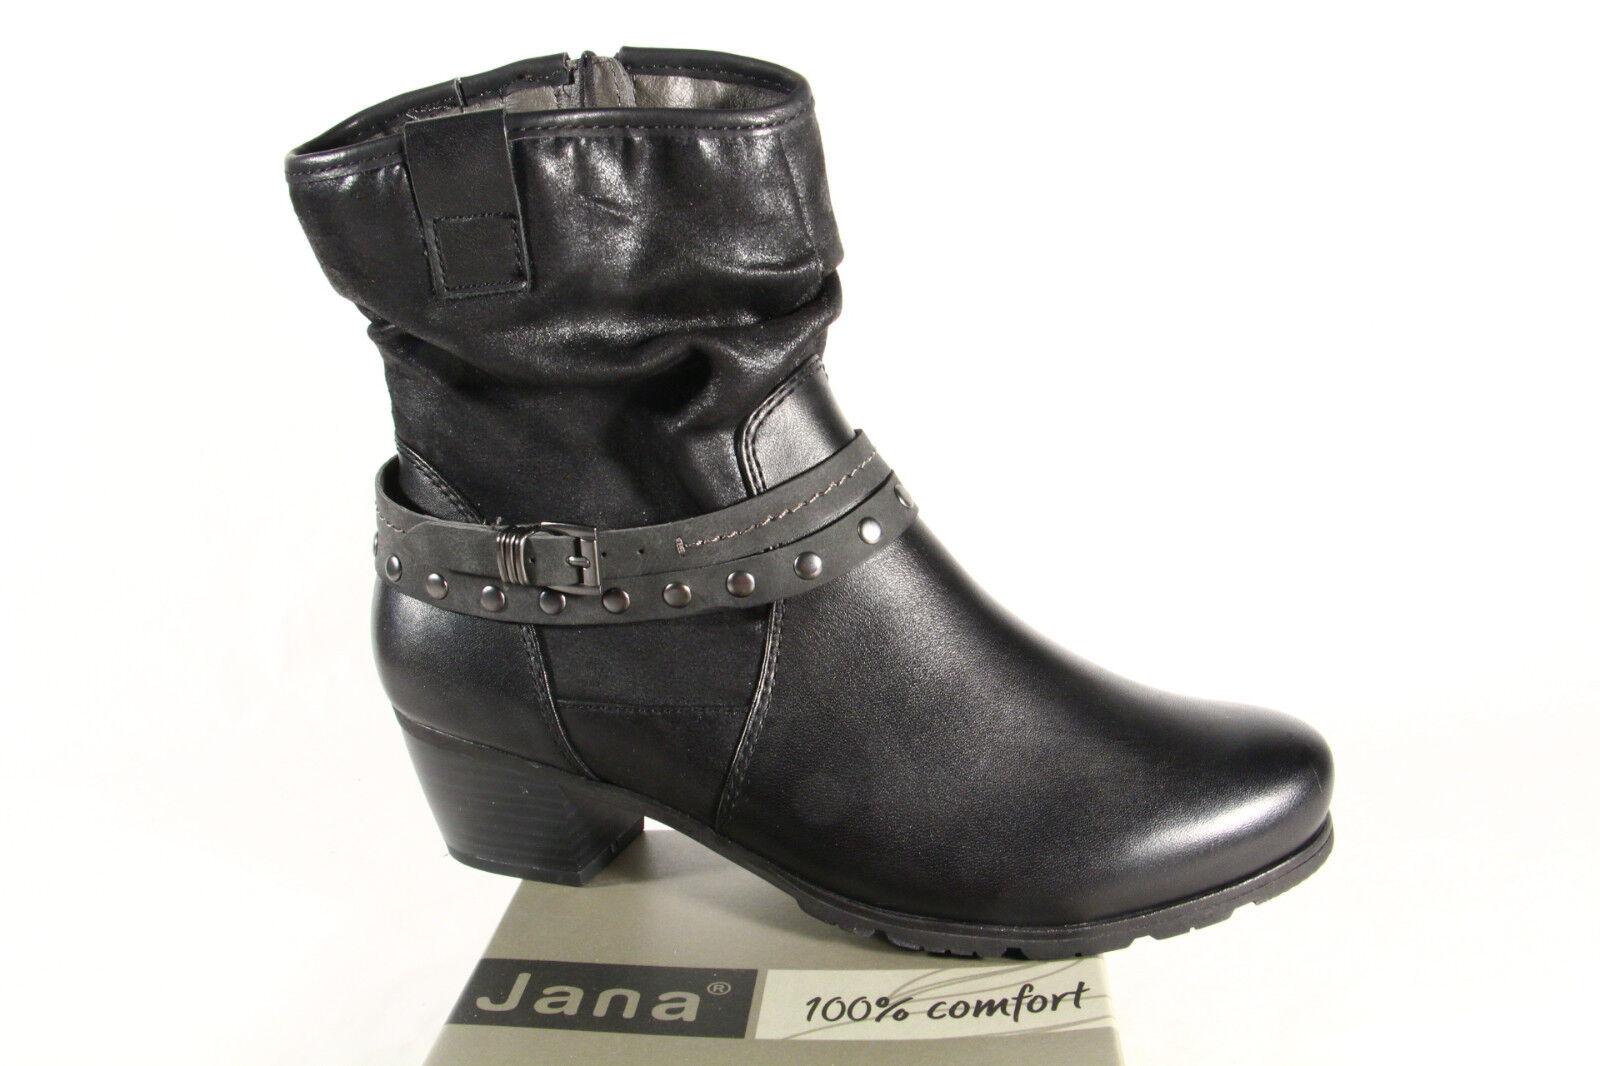 JANA Botas mujer, Botines, Botas invierno piel negro 25335 NUEVO